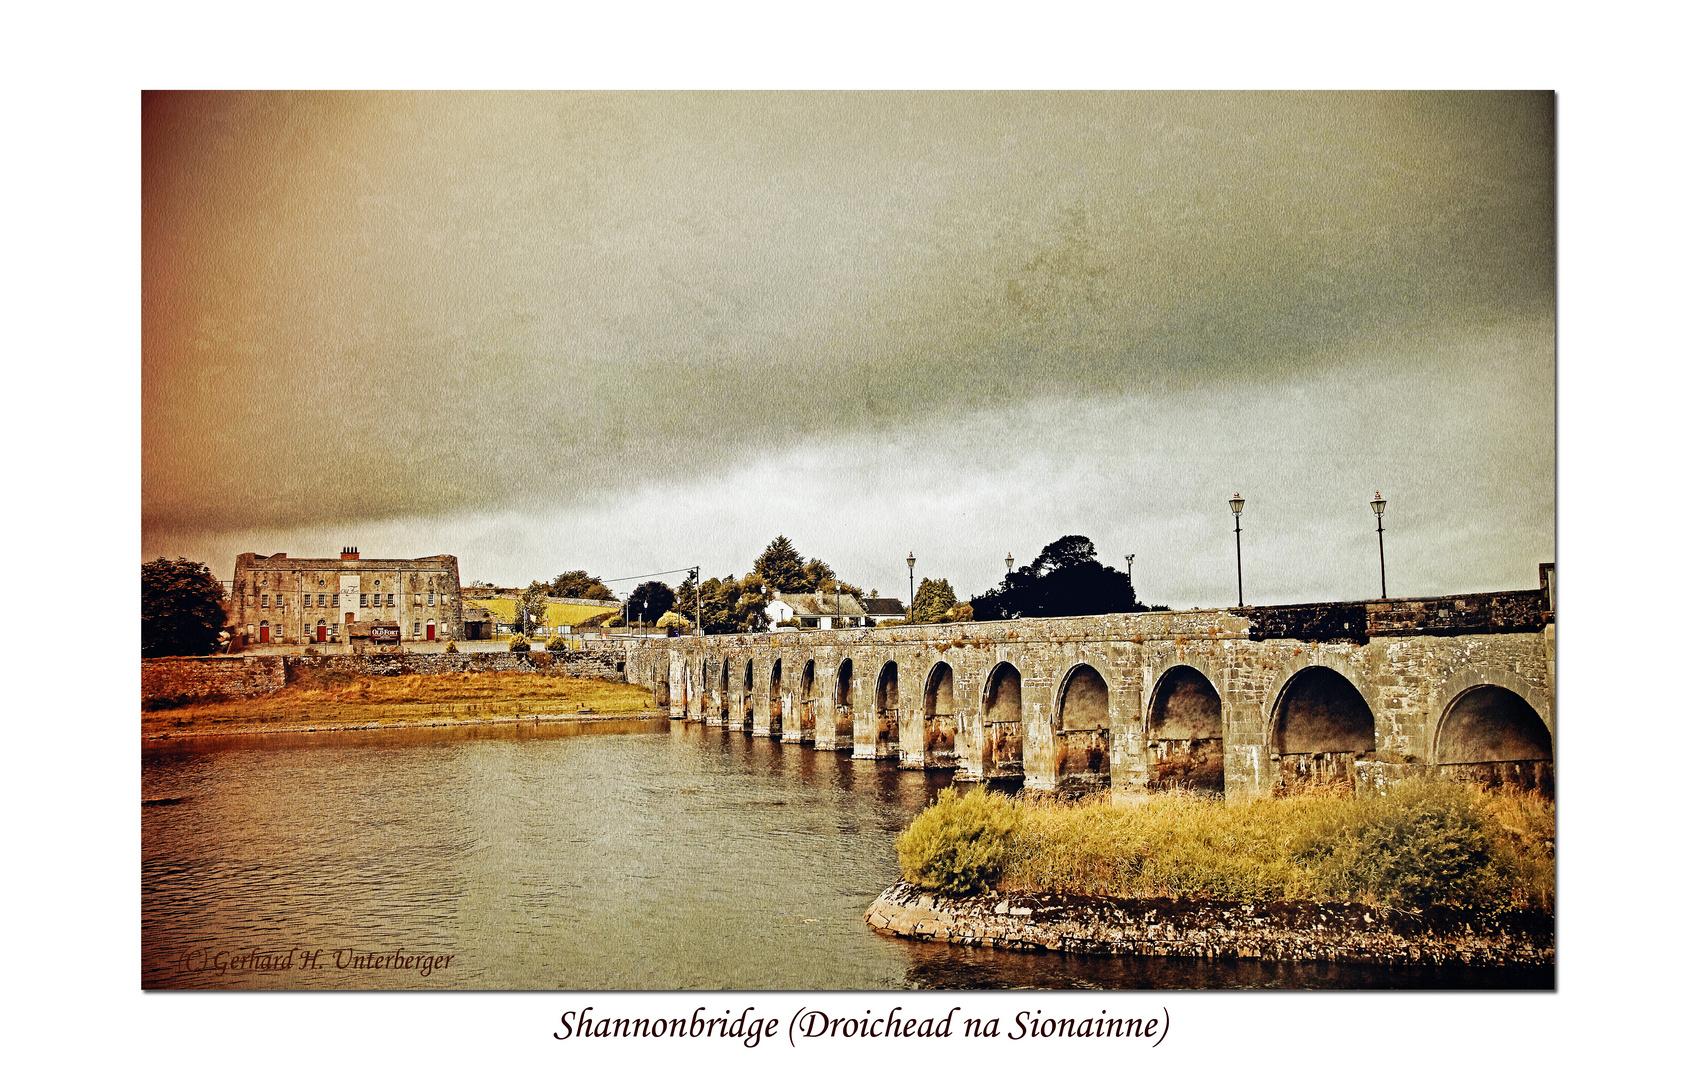 Village Shannonbridge